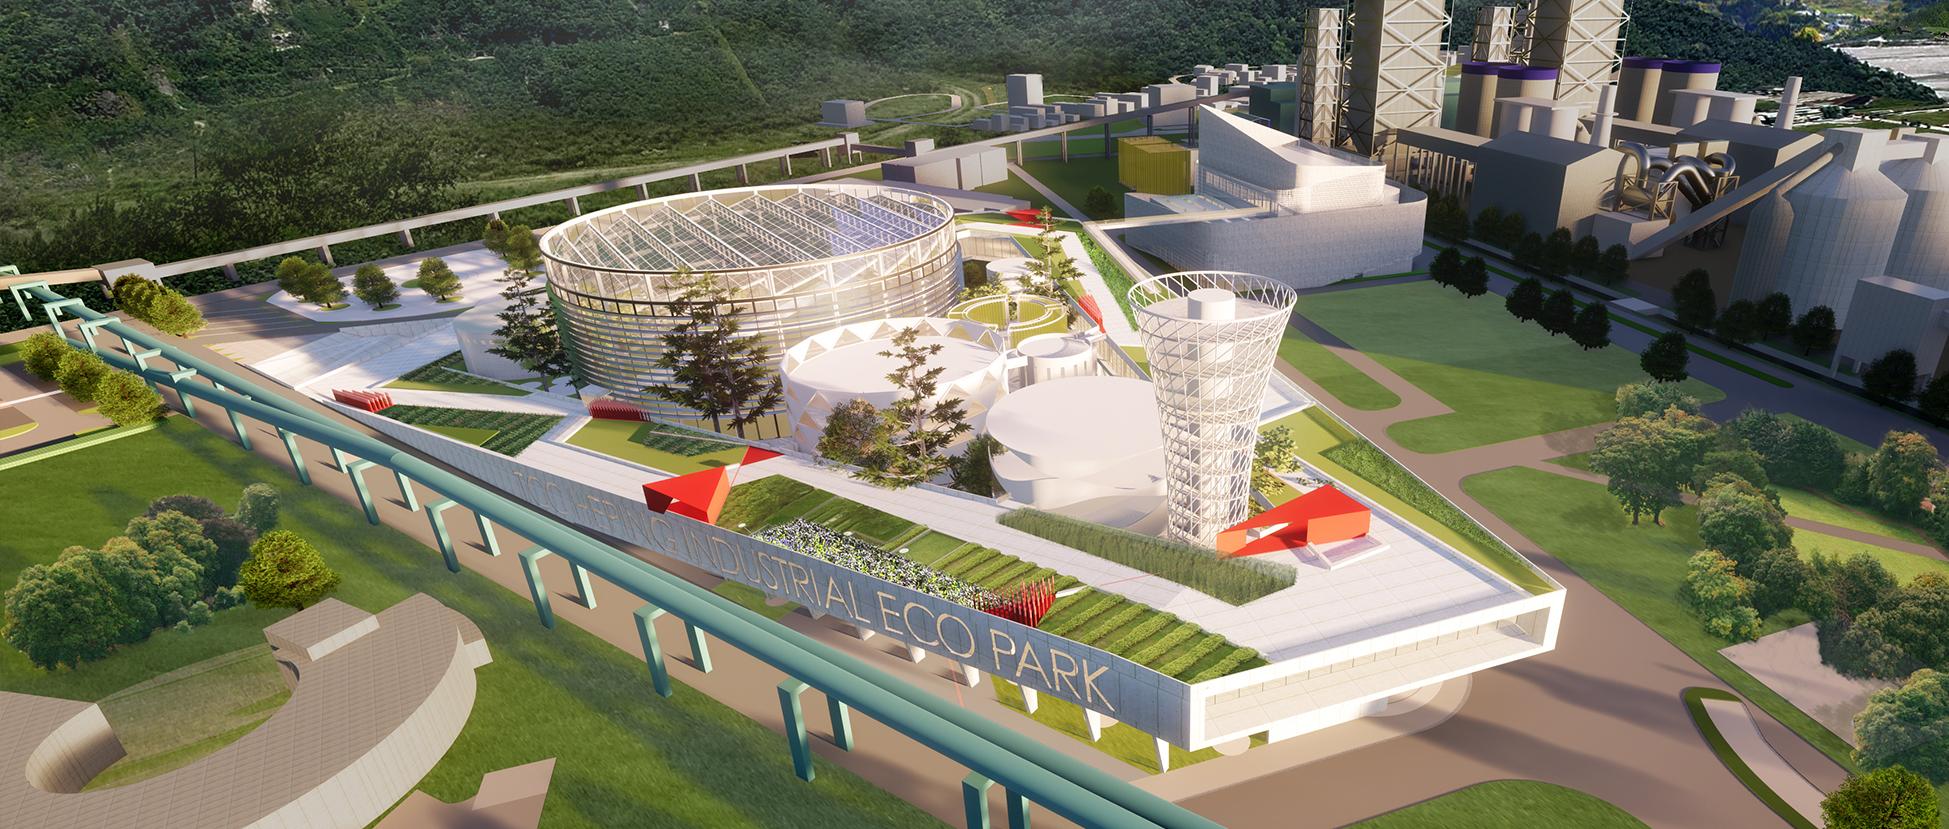 可持续更新:台泥和平开放生态循环工厂概念设计竞赛初选优胜提案